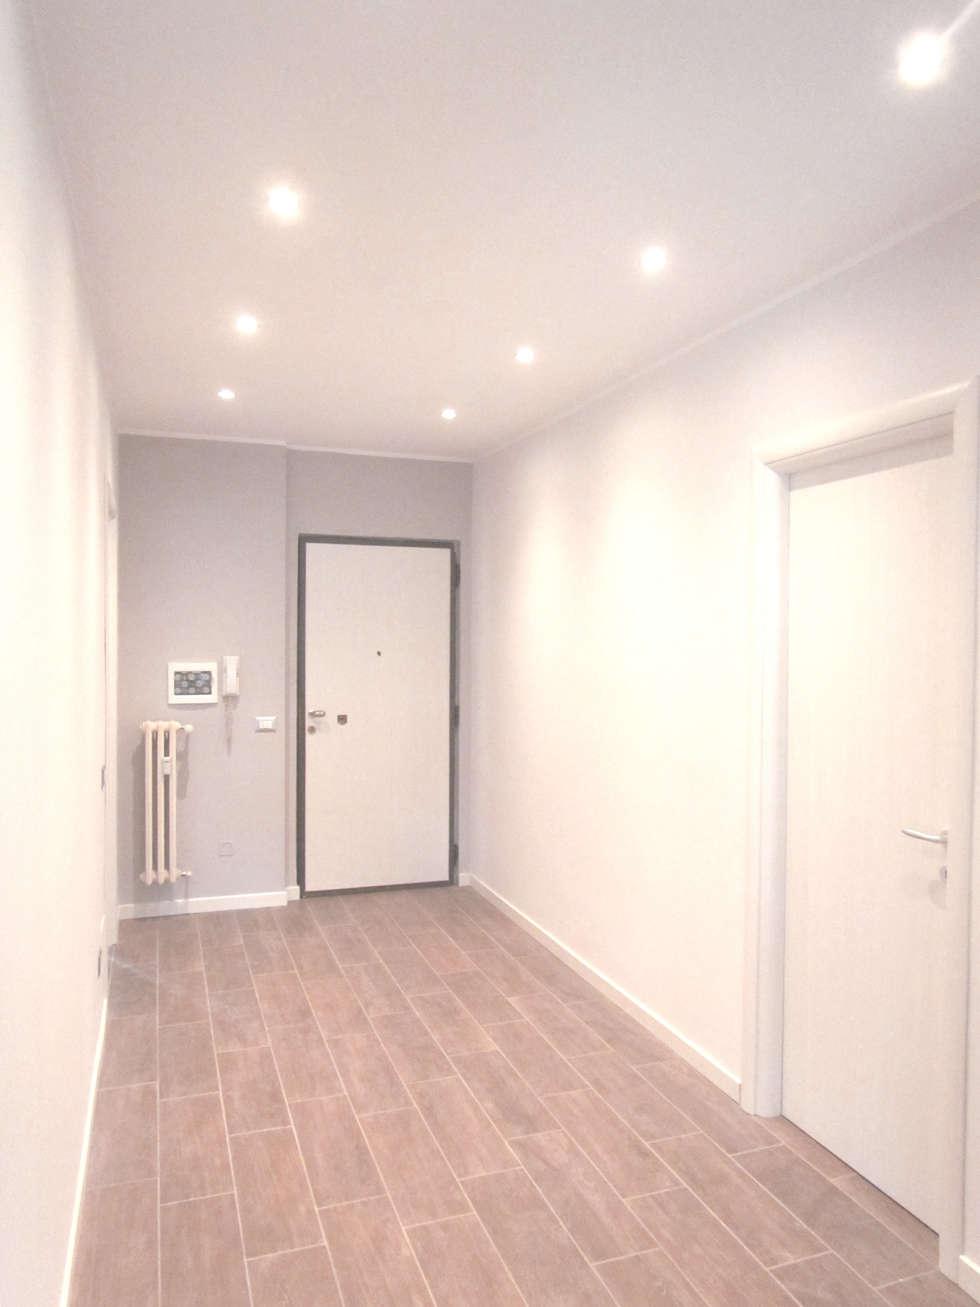 Idee arredamento casa interior design homify - Illuminazione ingresso casa ...